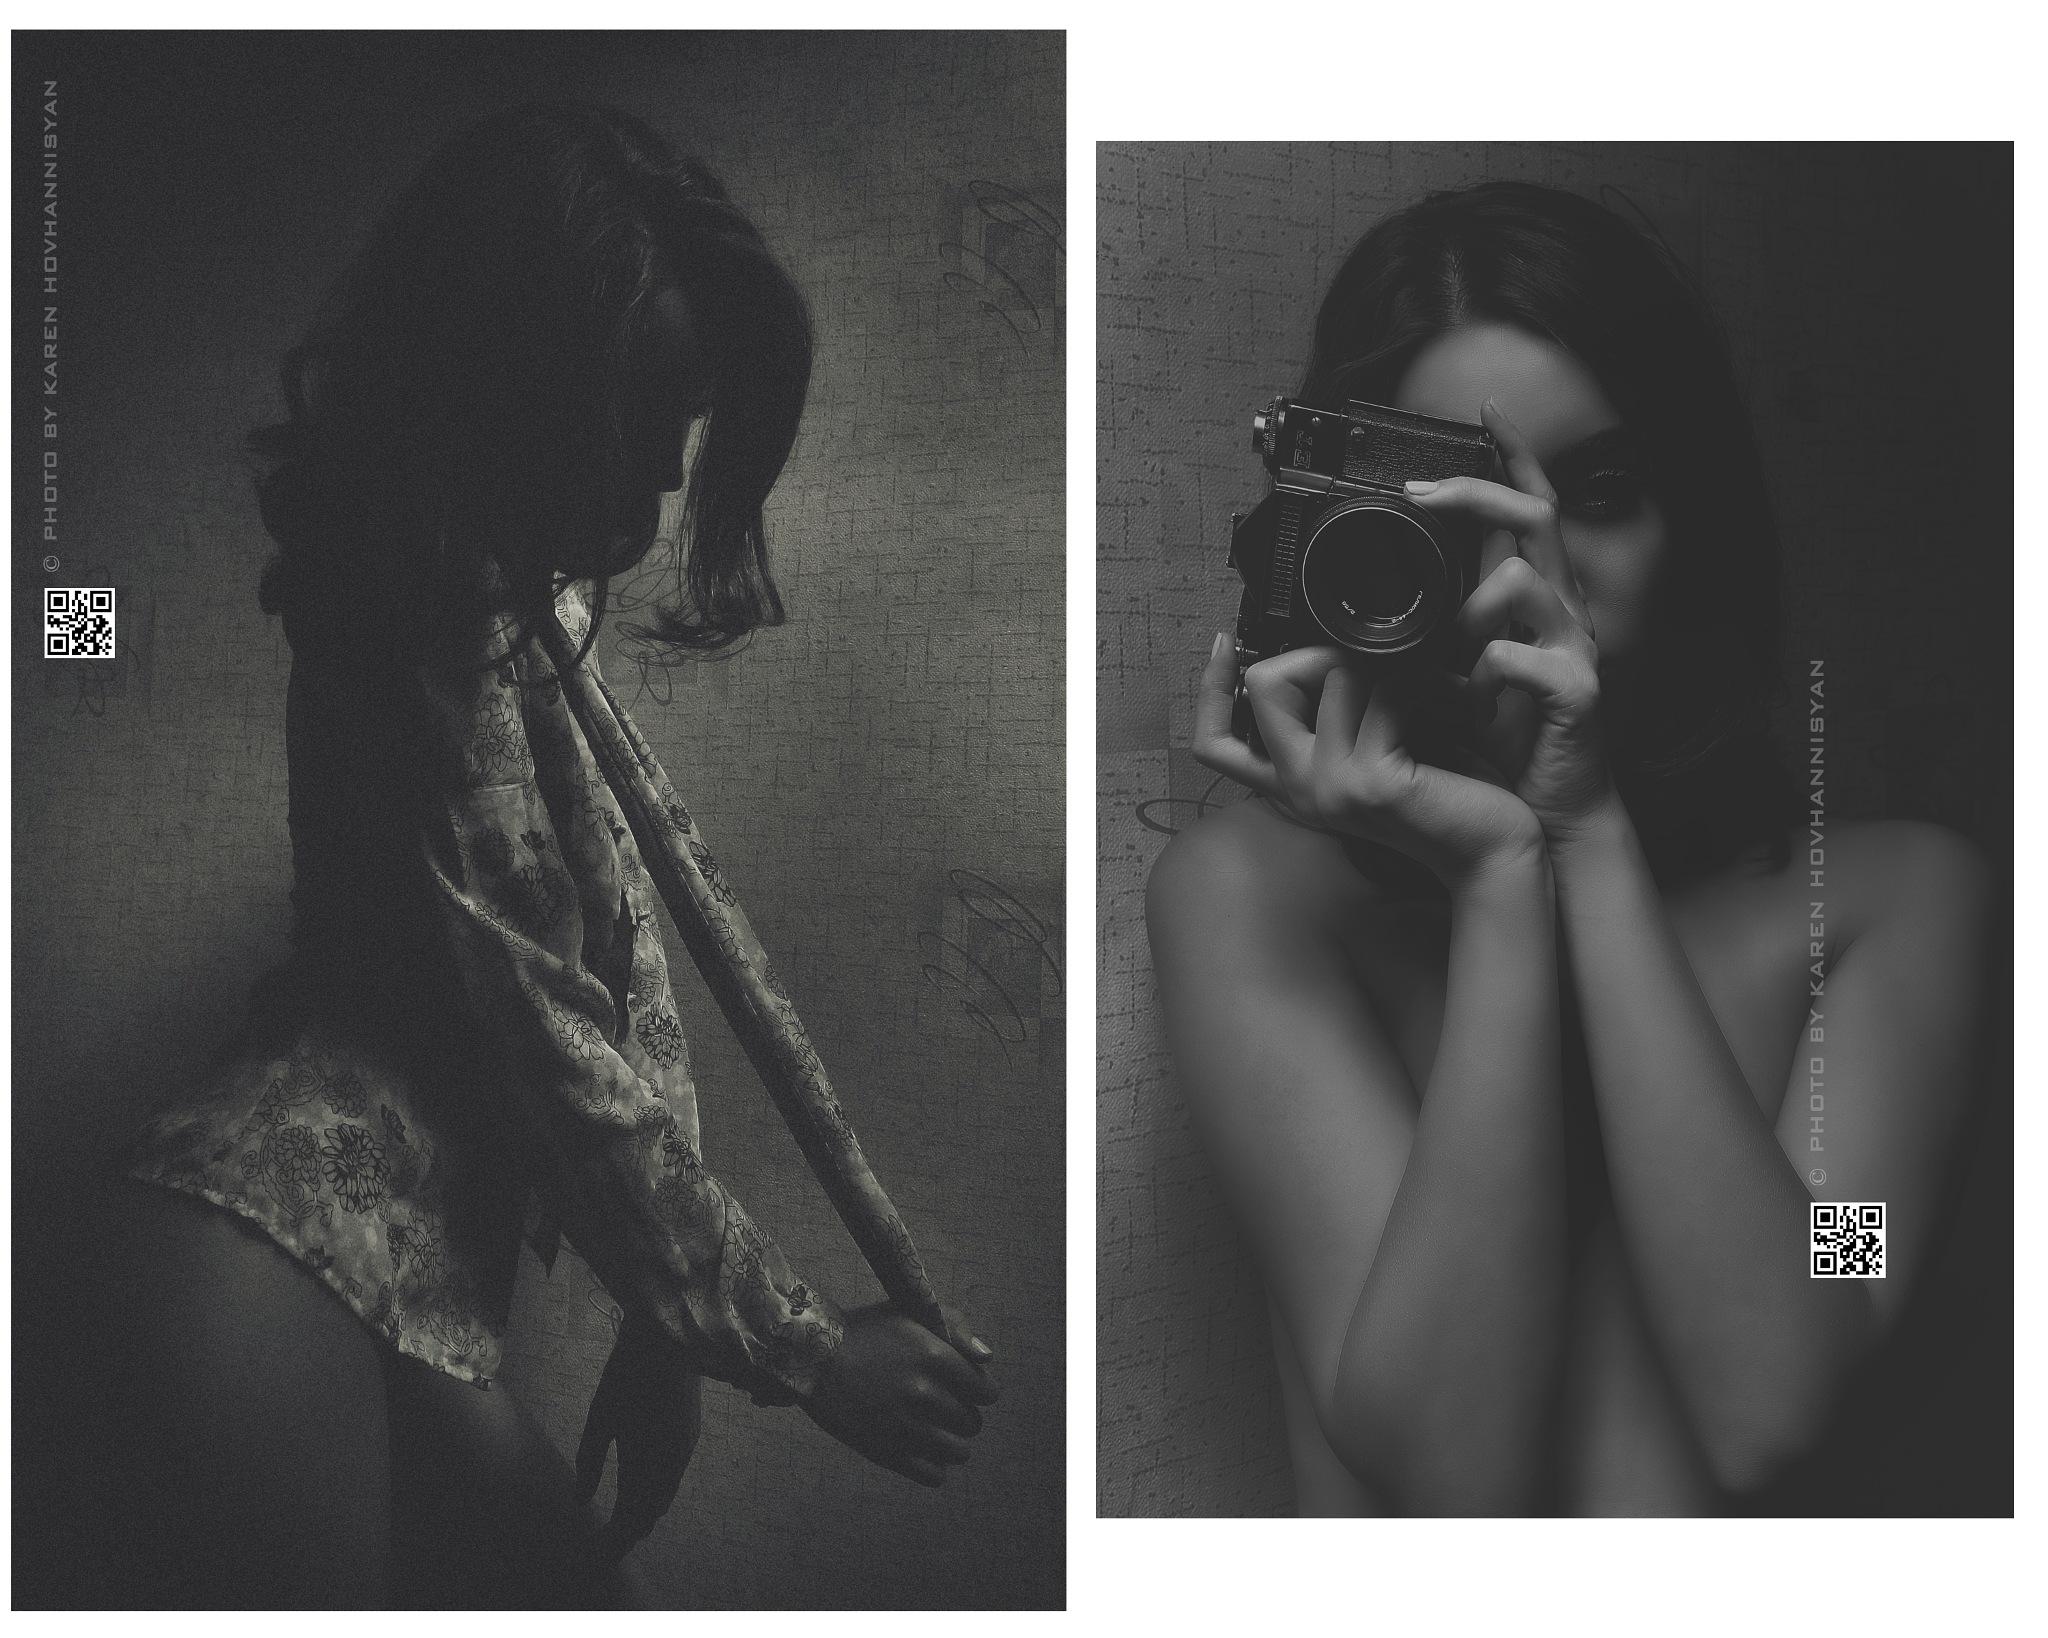 Untitled by Karen Hovhannisyan Photograph